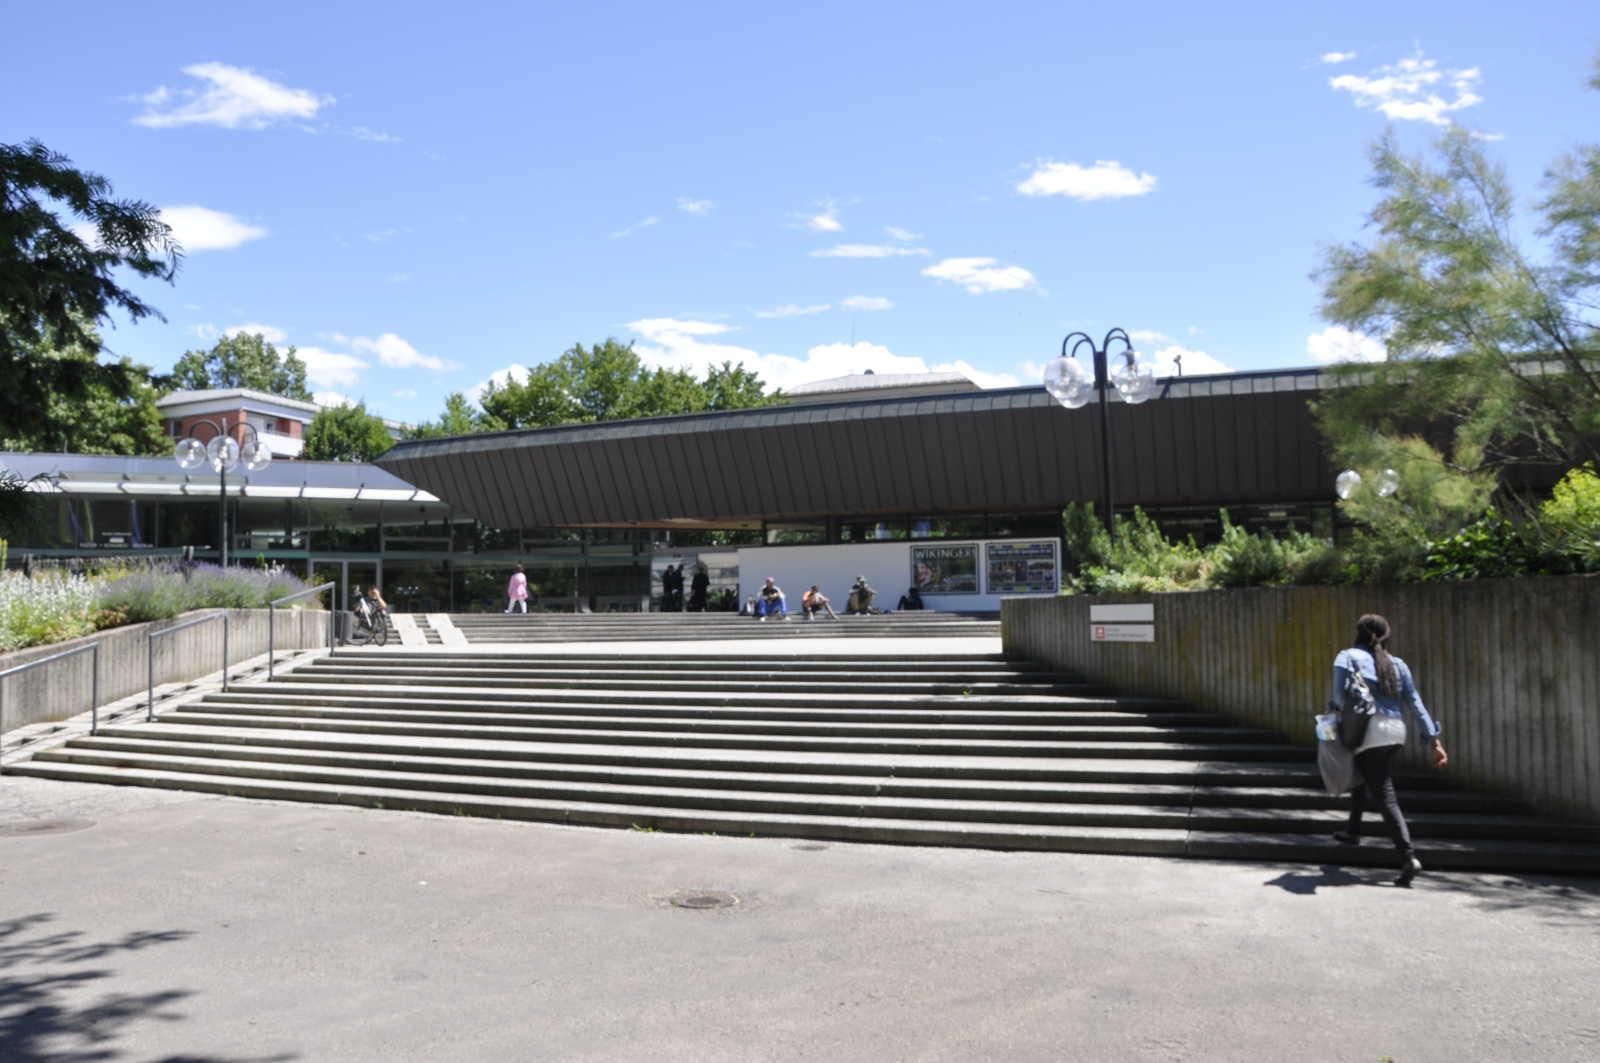 Der Zugang zum Ku'Ko im Rosenheimer Salingarten.